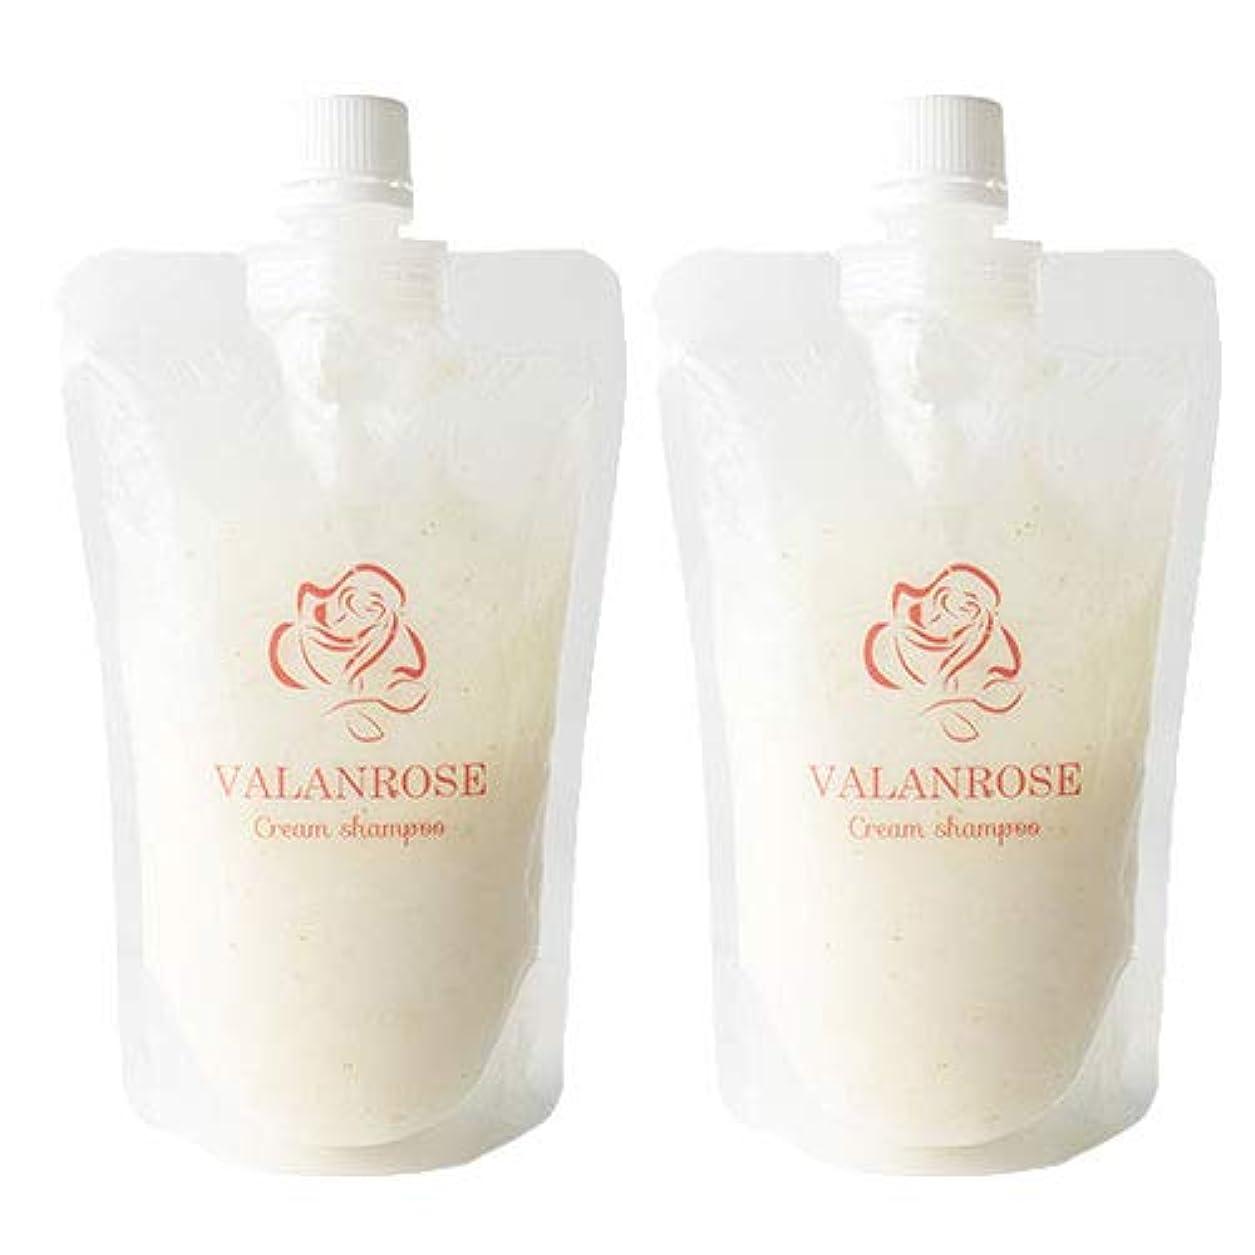 アクティビティシャープ優勢バランローズ クリームシャンプー2個×1セット VALANROSE Cream shampoo/シャンプー クリームシャンプー 髪 ヘアケア